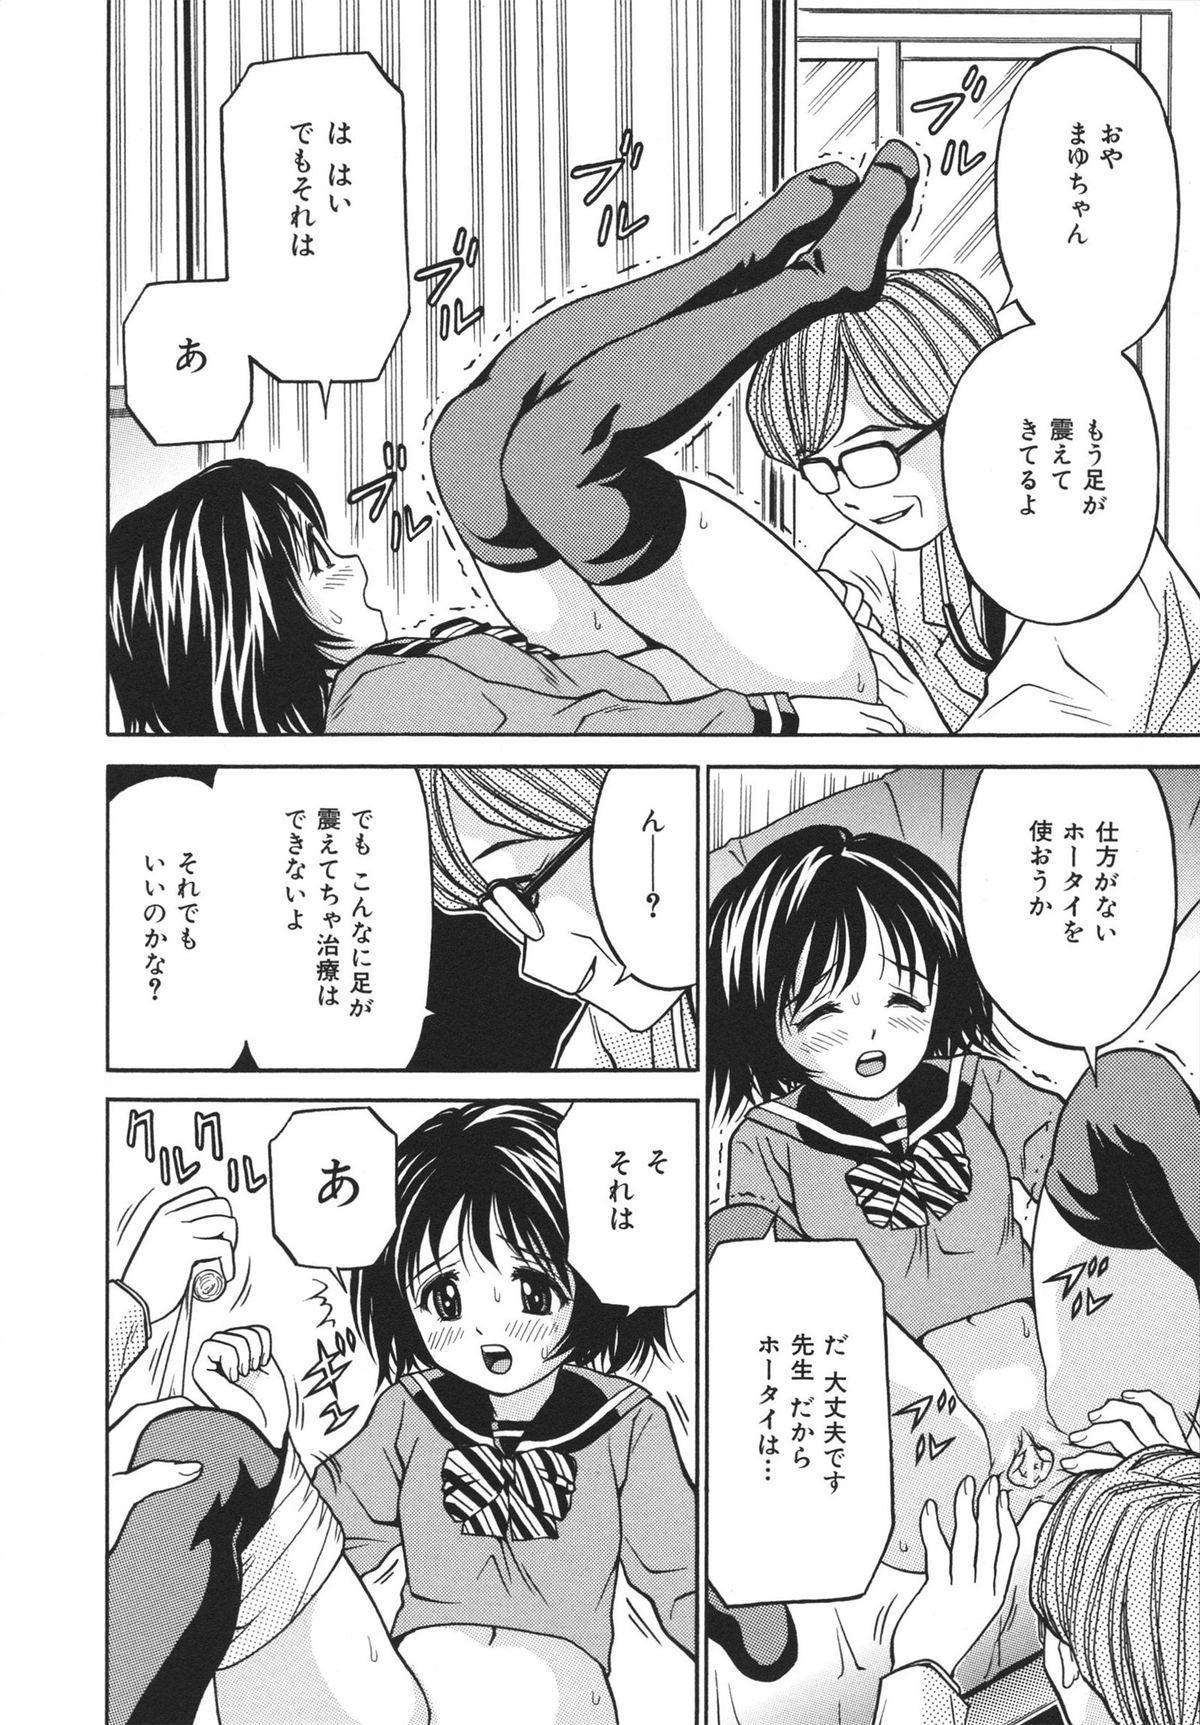 Houtai Shoujo - Bandage Girl 199